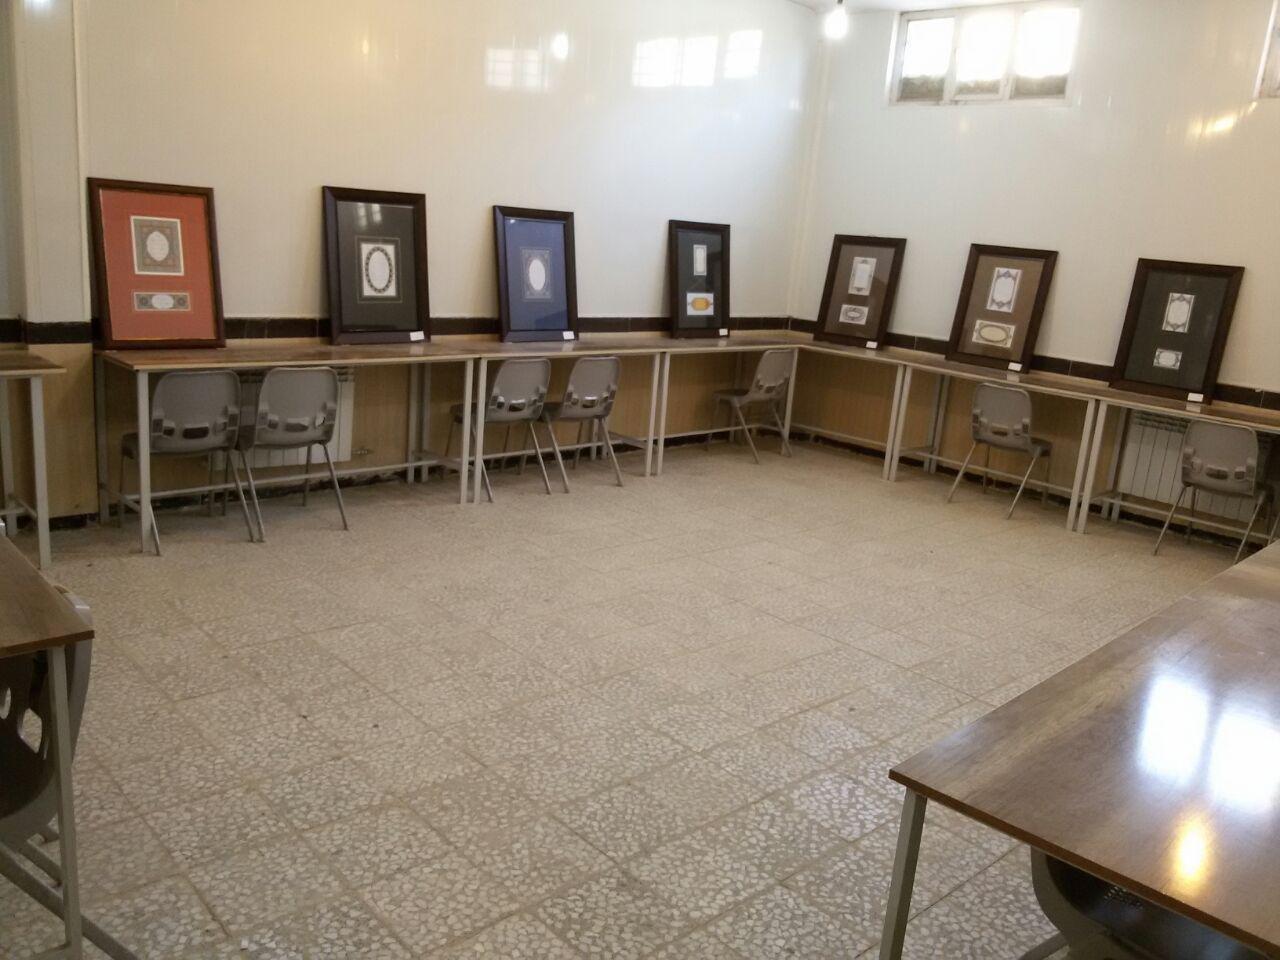 برگزاری نمایشگاه خوشنویسی خط تحریری در دانشگاه علمی کاربردی سقز